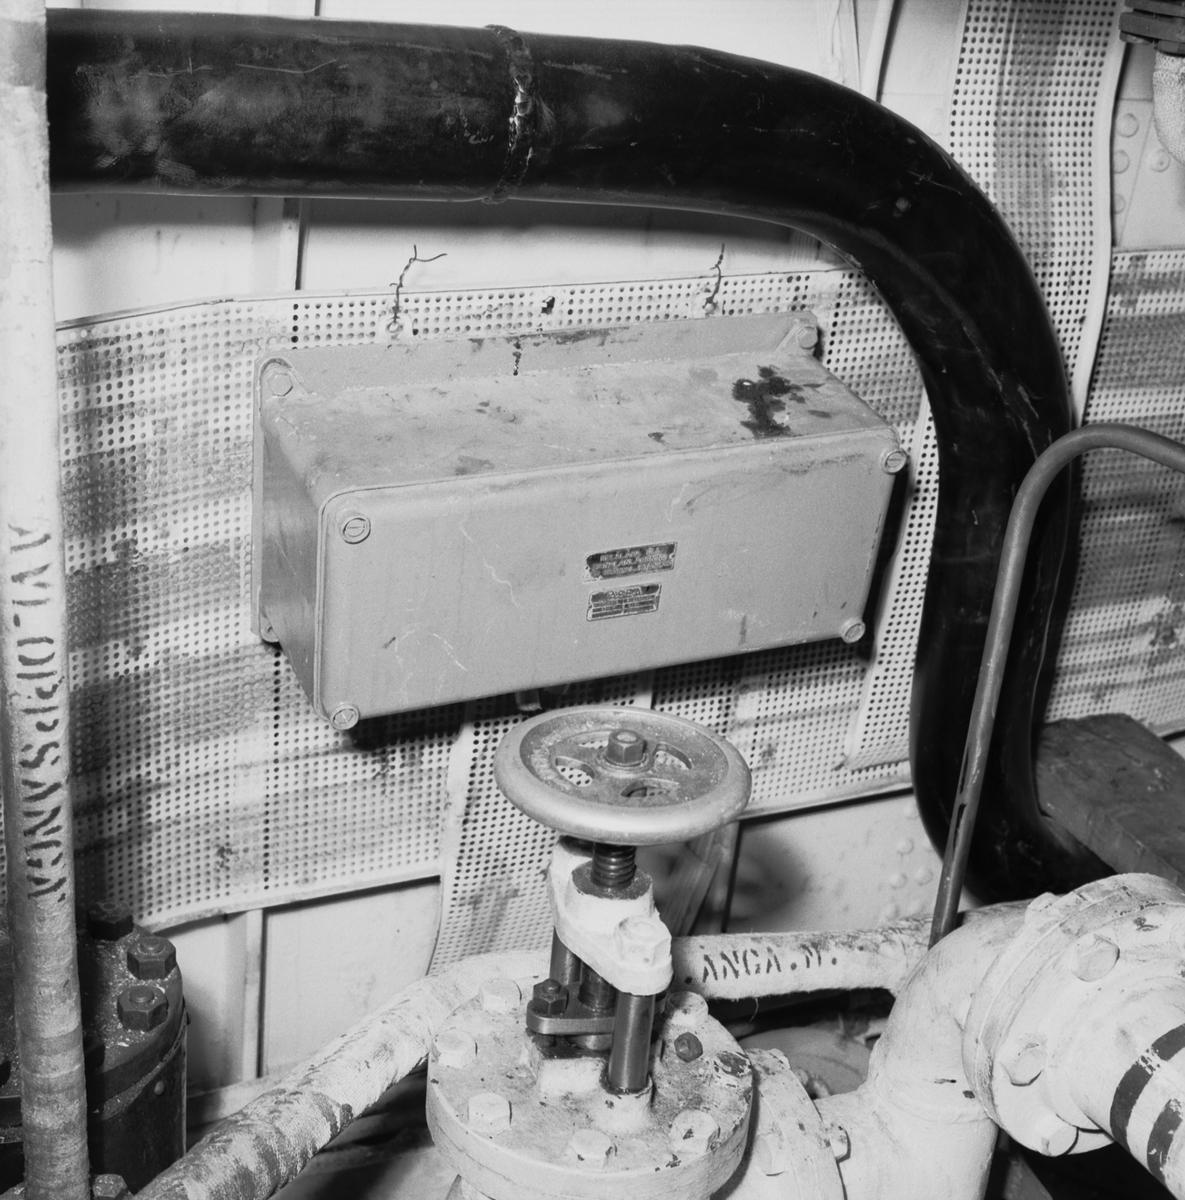 Fartyg: HÄLSINGBORG                    Reg. Nr.: 13, F13 Rederi: Kungliga Flottan, Marinen Byggår: 1943 Varv: Götaverken, Göteborgs MV Övrigt: Elmateriel ändringsarbeten